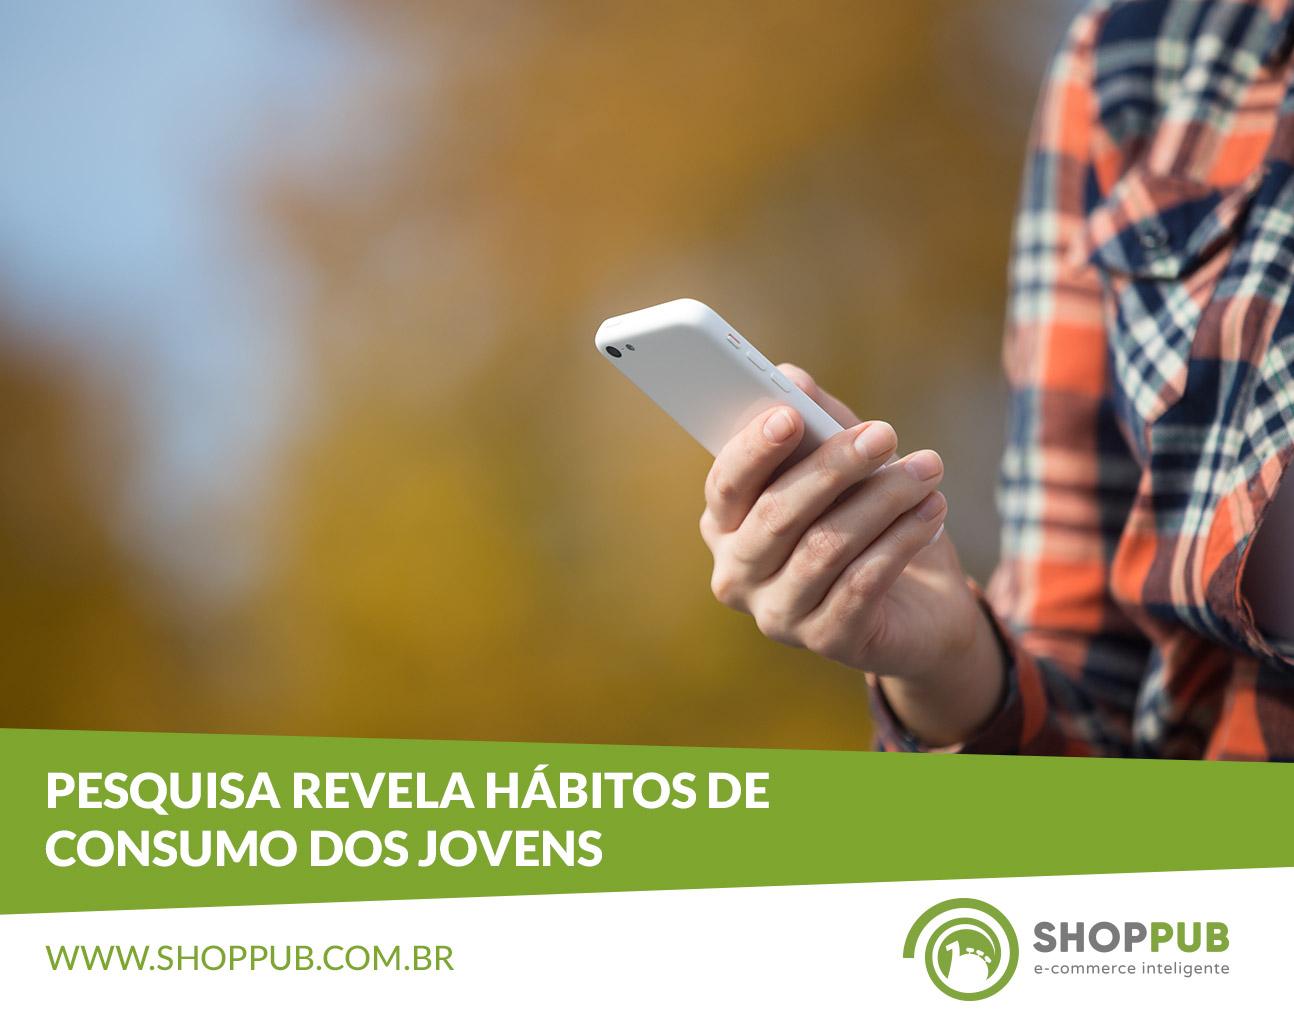 Pesquisa revela hábitos de consumo dos jovens